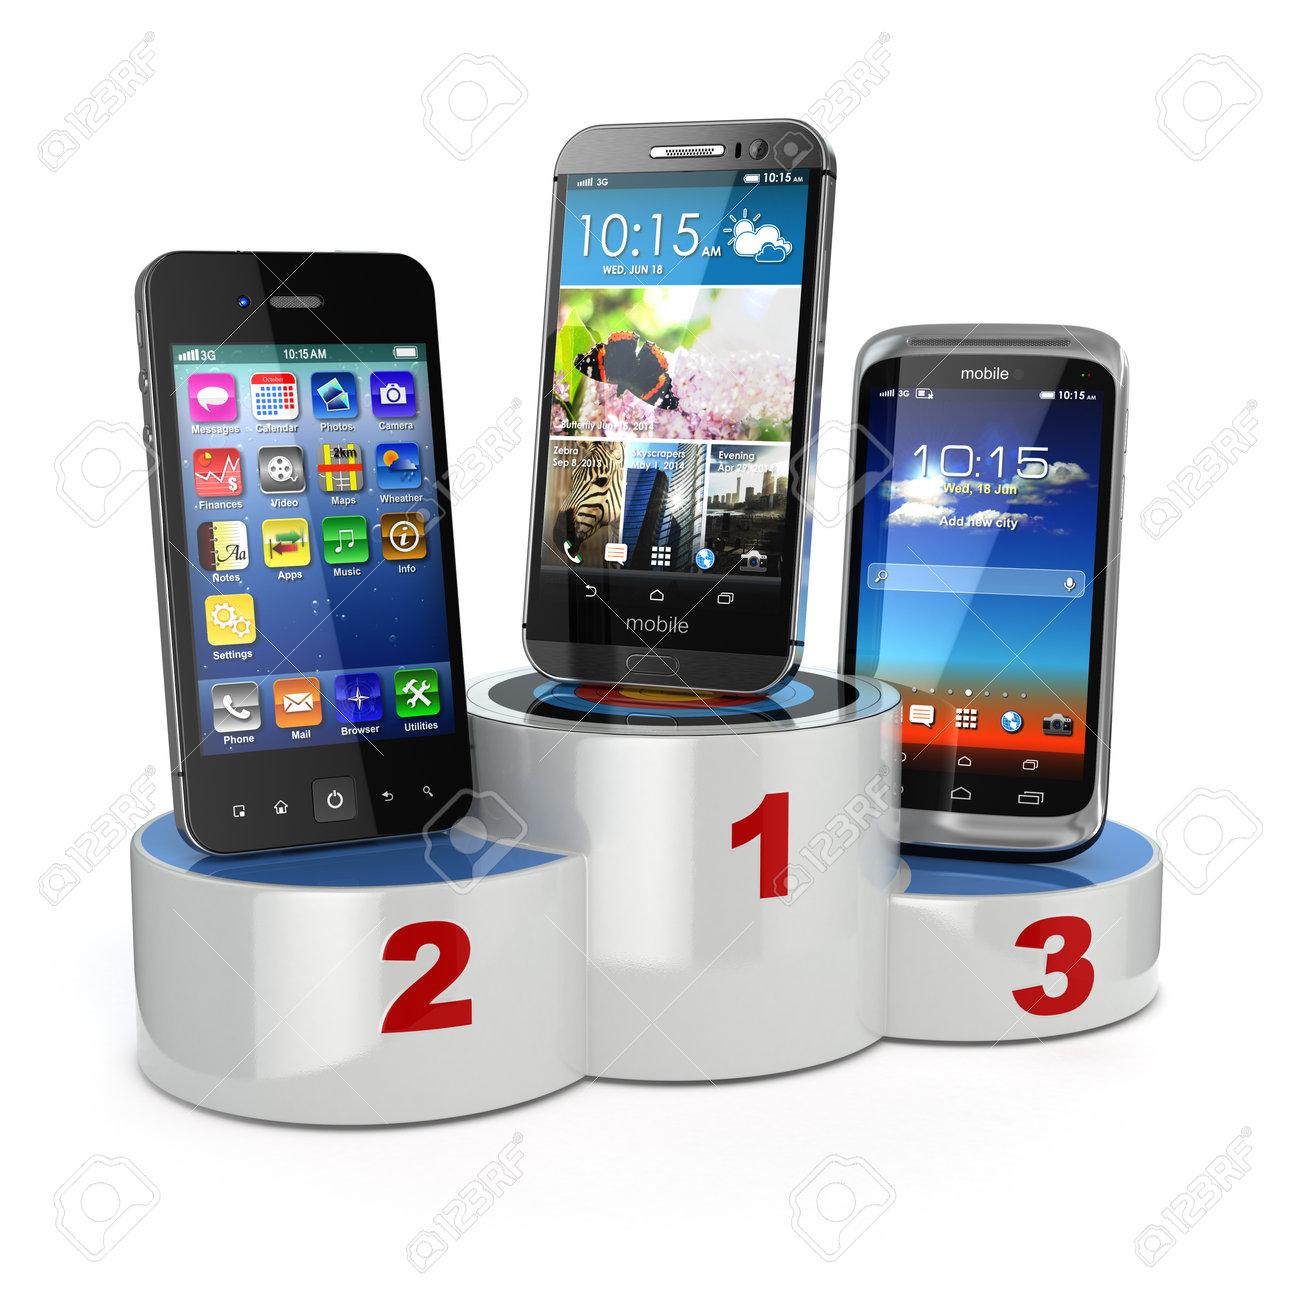 b5c512cc7c75b2 Banque d images - Choisir les meilleurs téléphones portables ou de  comparaison des téléphones mobiles. Smartphones sur le podium. 3d